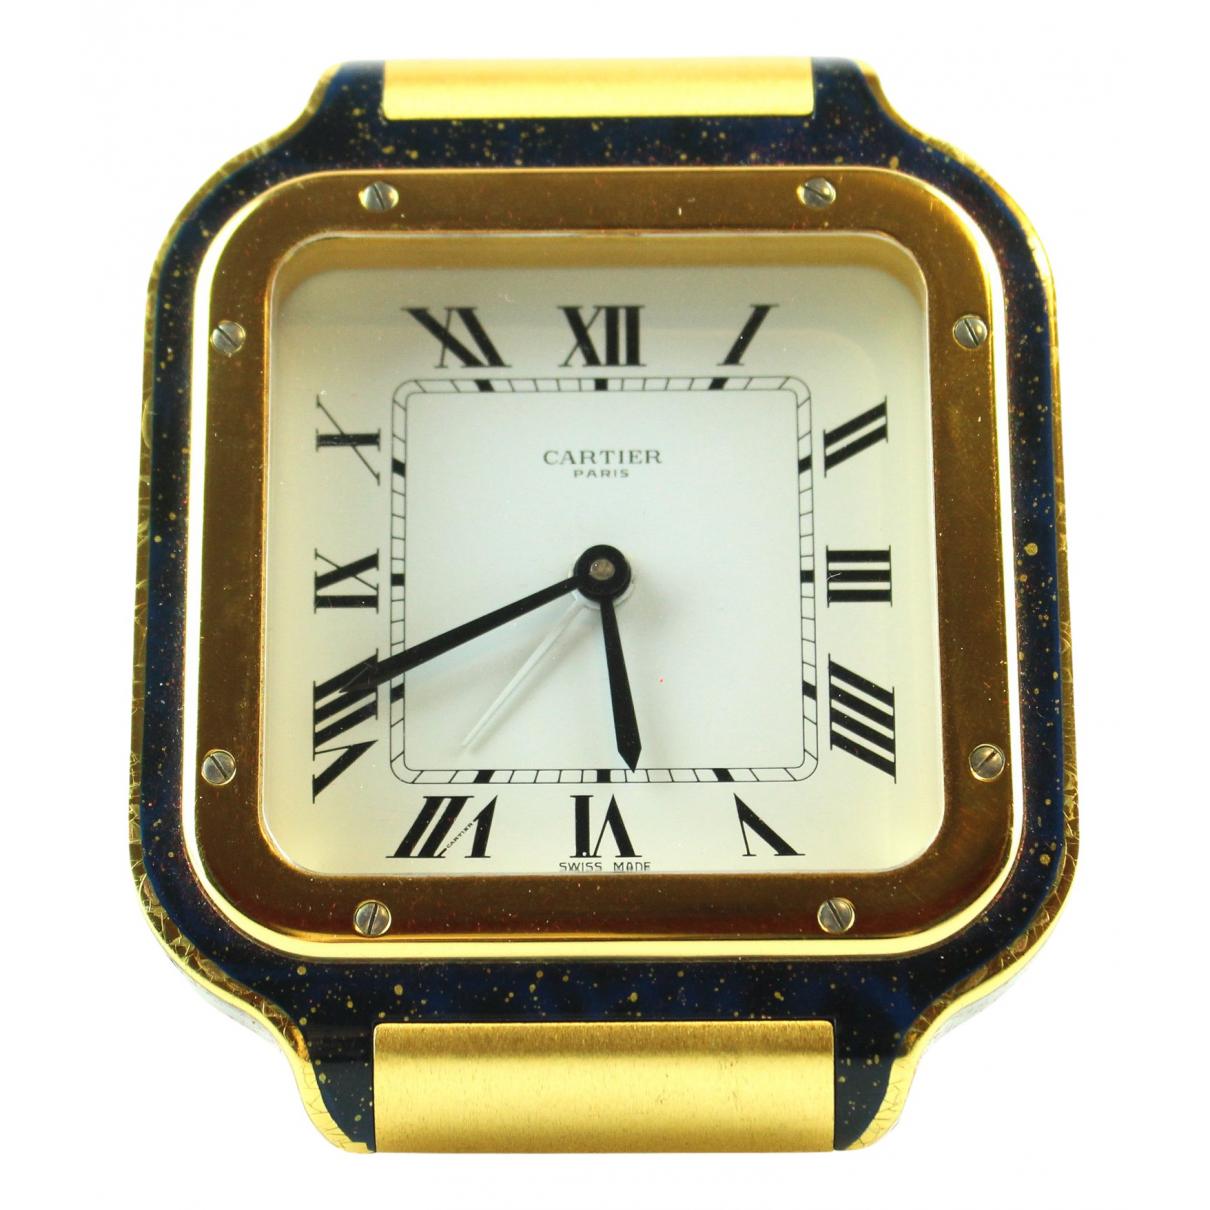 Cartier - Objets & Deco Horloge de voyage Santos pour lifestyle en metal - dore